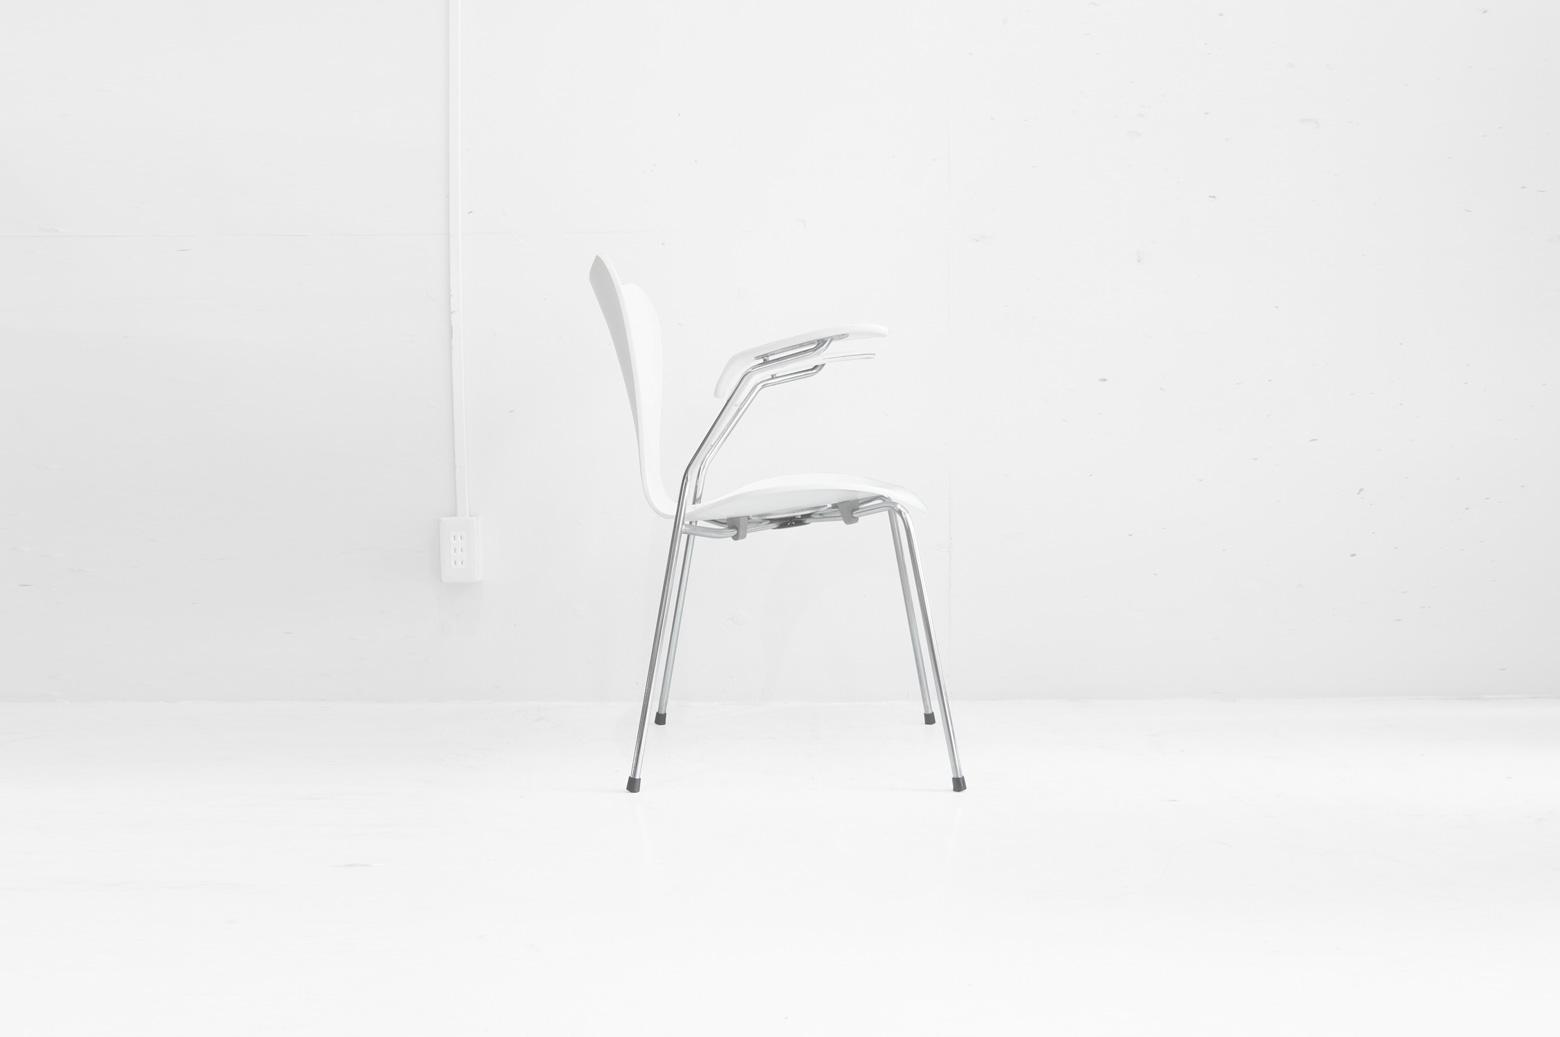 """言わずと知れた、アルネ・ヤコブセンデザインの名作チェア『セブンチェア』。 1955年にアントチェアの後継として発表されました。 成型合板を使った三次元一体成型のチェアは世界で初めてのものでした。 独特の""""しなり""""と広い座面と背もたれが座り心地の良さを生み出します。 こちらはアーム付タイプのセブンチェアです。 すらっと伸びたアーム部分のフォルムも美しく、また、アームがあることによってより一層ゆったりと腰かけることが出来ます。 全体的に傷や擦れ、黄ばみ、錆び、塗装のヒビや剥がれがございます。 古い物のため、上記のようなダメージがみられますが、使用には問題ございません。 セブンチェアの良さのひとつは素材やカラー、形のバリエーションが豊富なところ。 通常のセブンチェアはダイニングで、アーム付は書斎やオフィスで、シチュエーションによって使い分けられます。 北欧好きならずとも、家具好きならばセブンチェアは一家に一脚あってもいいかも… ~【東京都杉並区阿佐ヶ谷北アンティークショップ 古一】 古一/ふるいちでは出張無料買取も行っております。杉並区周辺はもちろん、世田谷区・目黒区・武蔵野市・新宿区等の東京近郊のお見積もりも!ビンテージ家具・インテリア雑貨・ランプ・USED品・ リサイクルなら古一/フルイチへ~"""